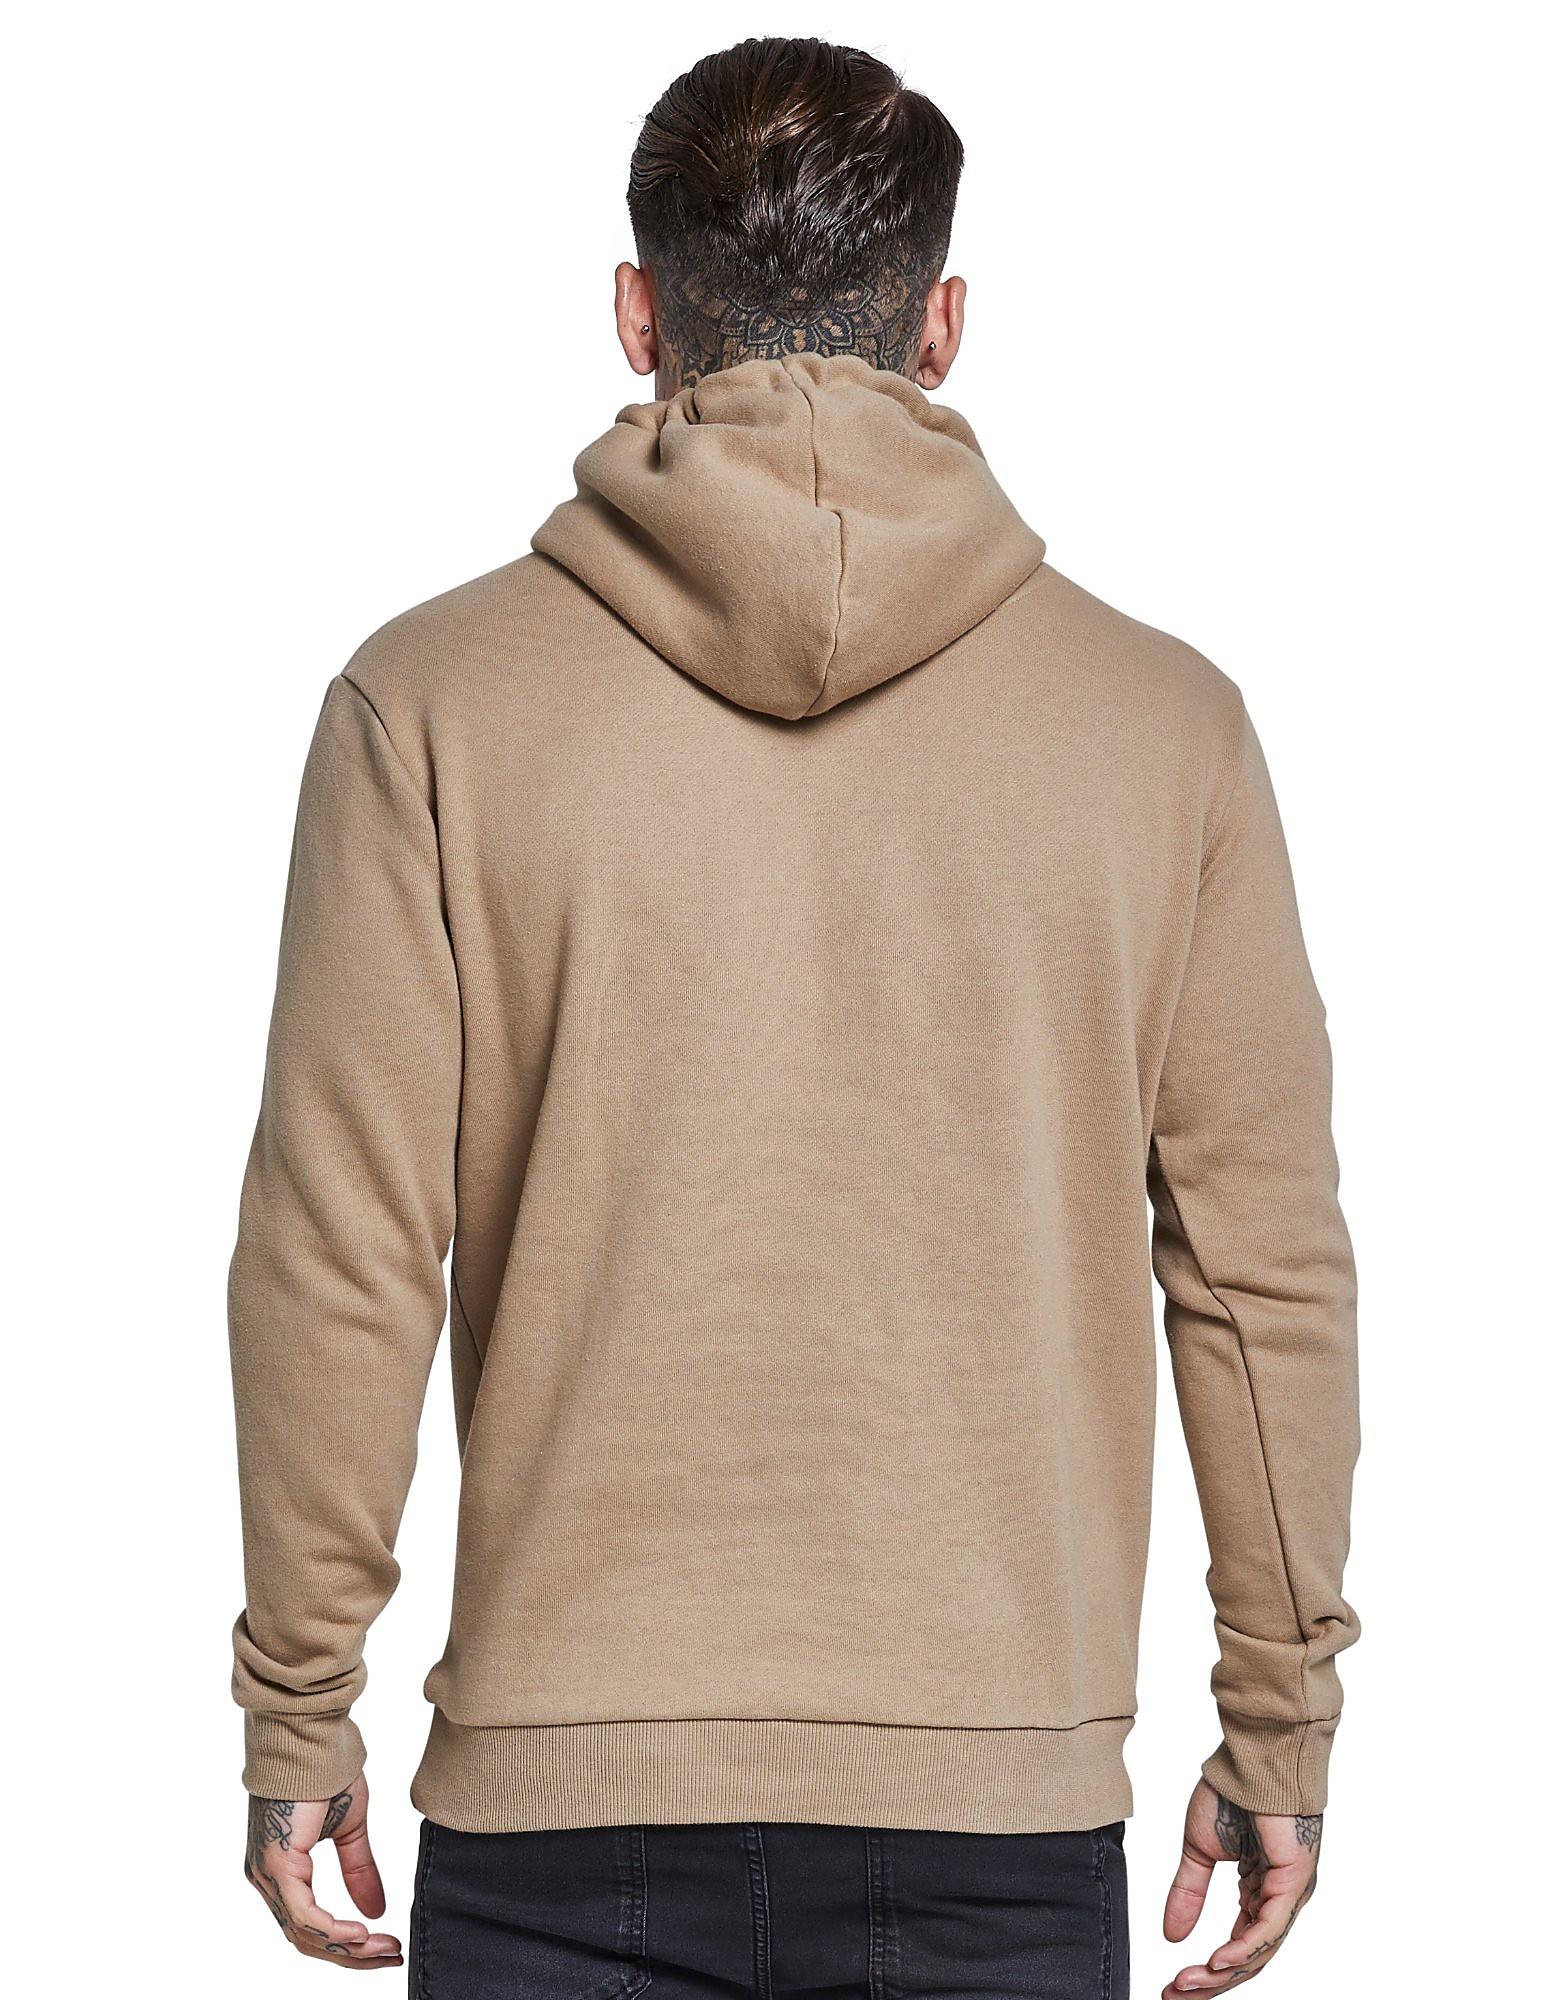 SikSilk 1/4 Zip Fleece Hoodie